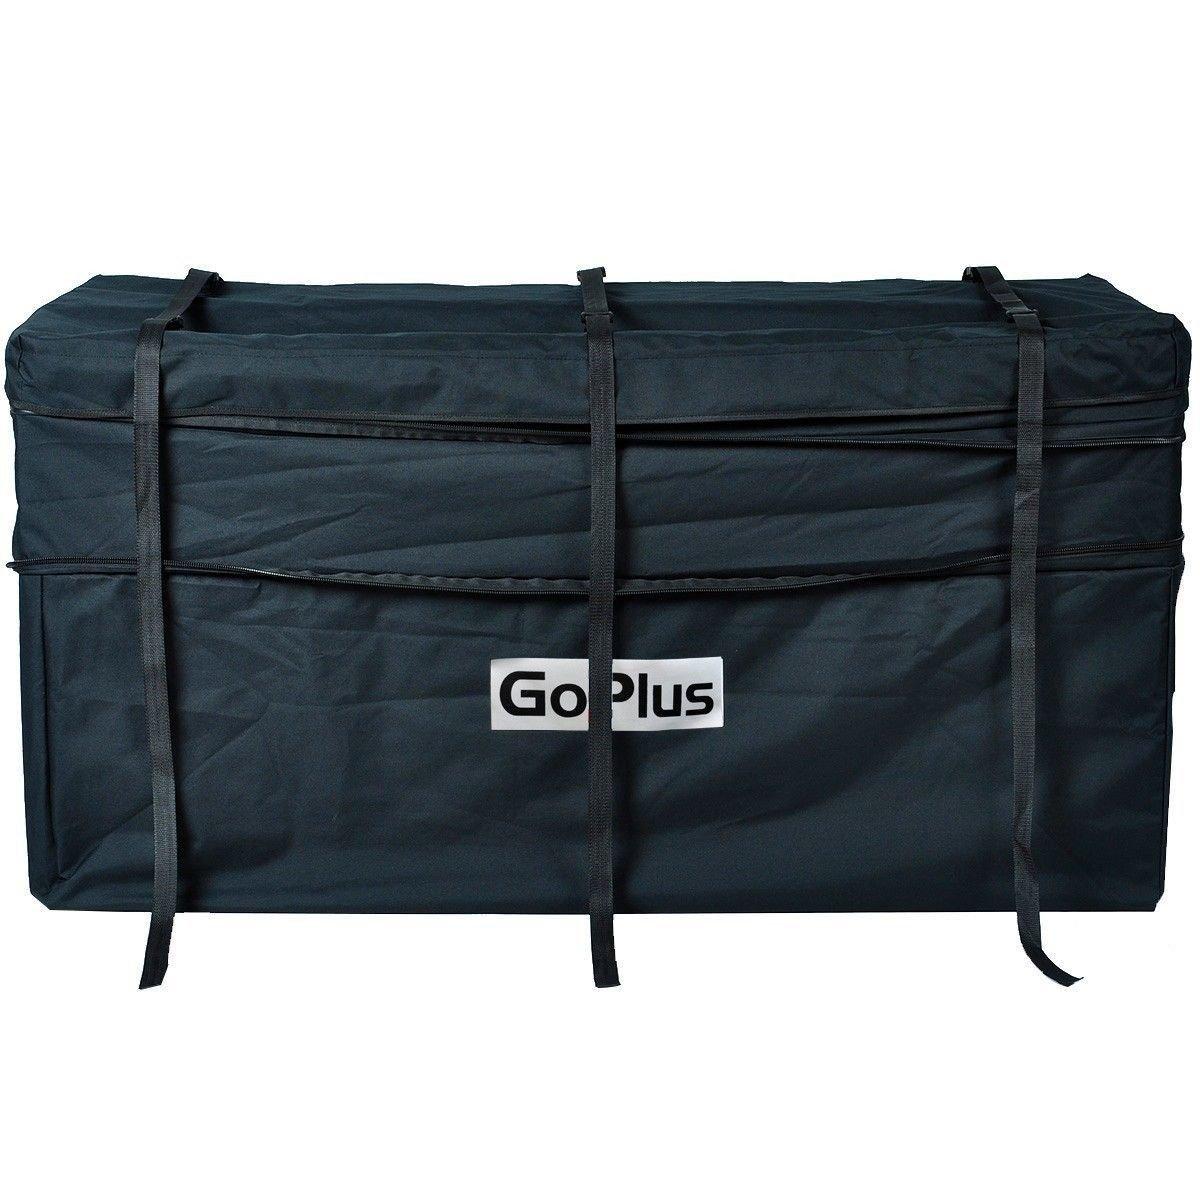 Jumbo Car Suv Roof Top Waterproof Luggage Travel Cargo Rack Storage Bag